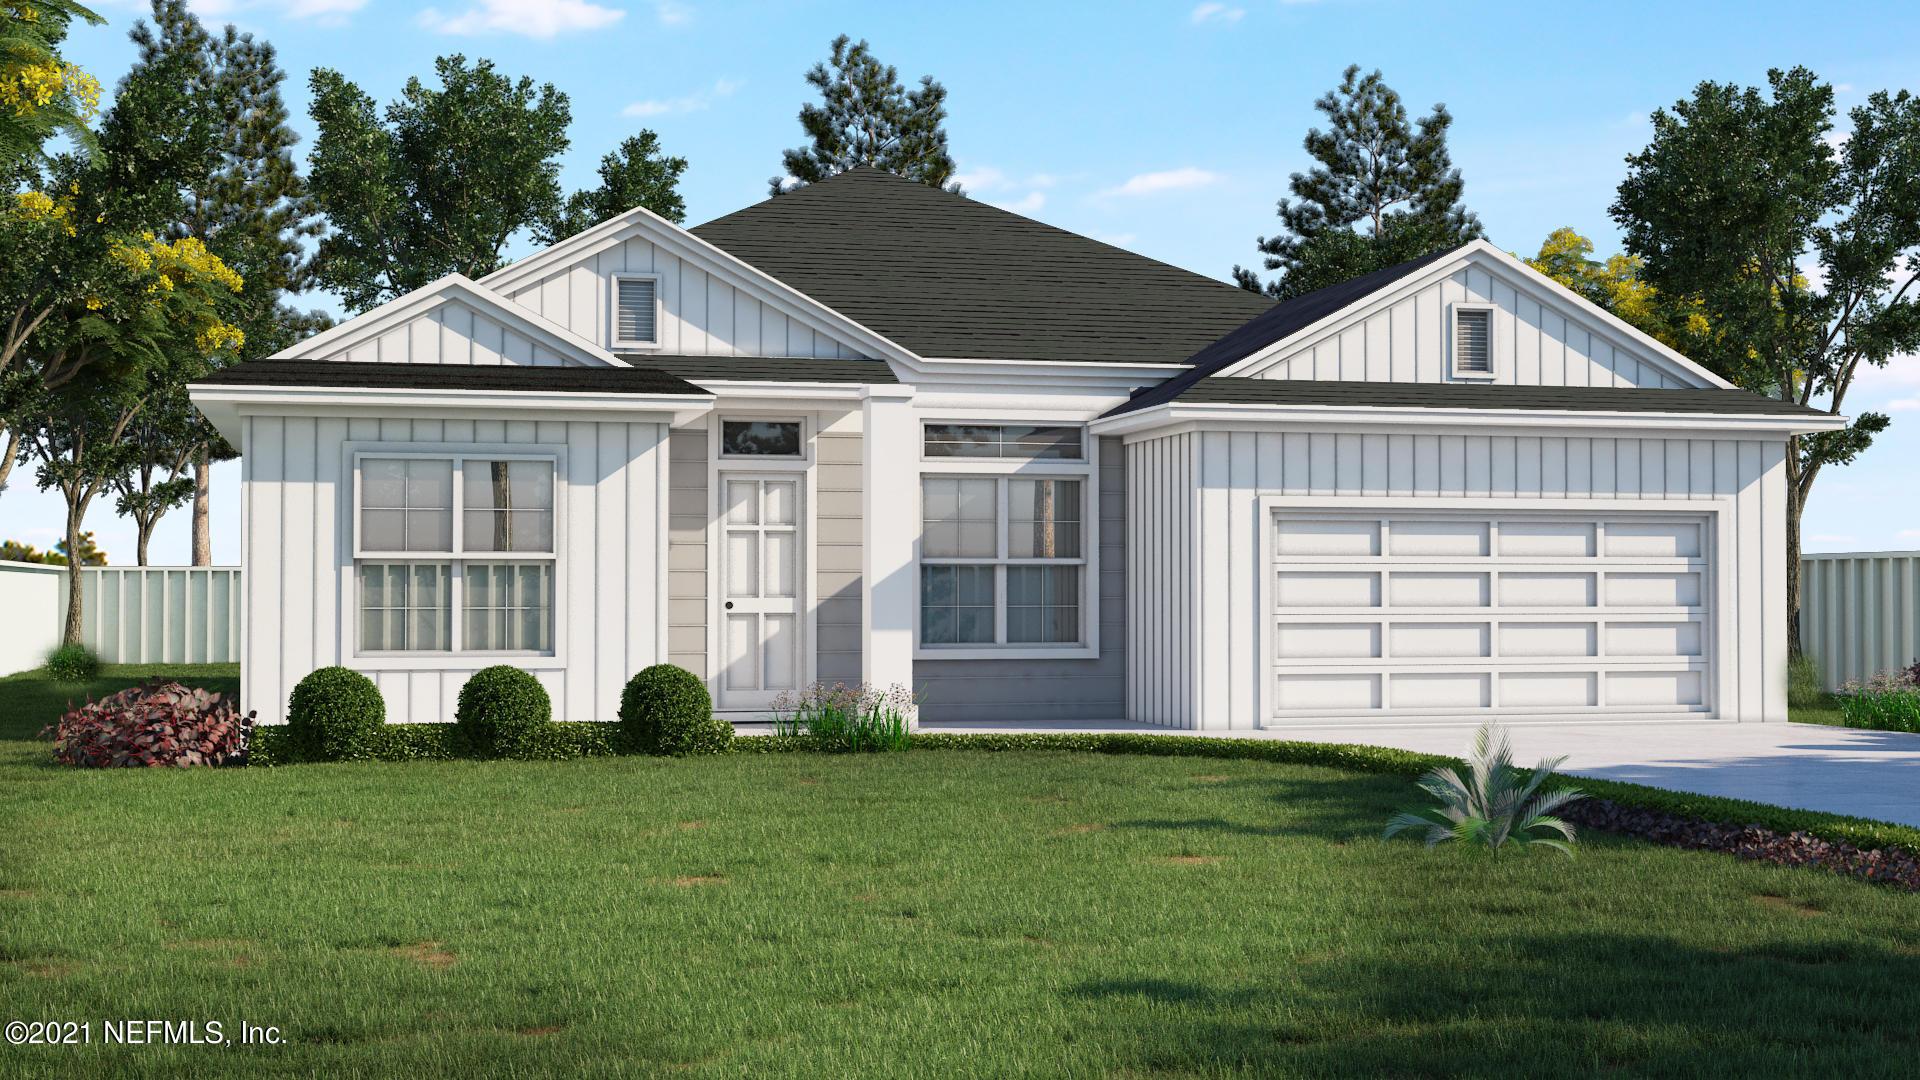 1189 SANDLAKE, ST AUGUSTINE, FLORIDA 32092, 4 Bedrooms Bedrooms, ,3 BathroomsBathrooms,Residential,For sale,SANDLAKE,1123493